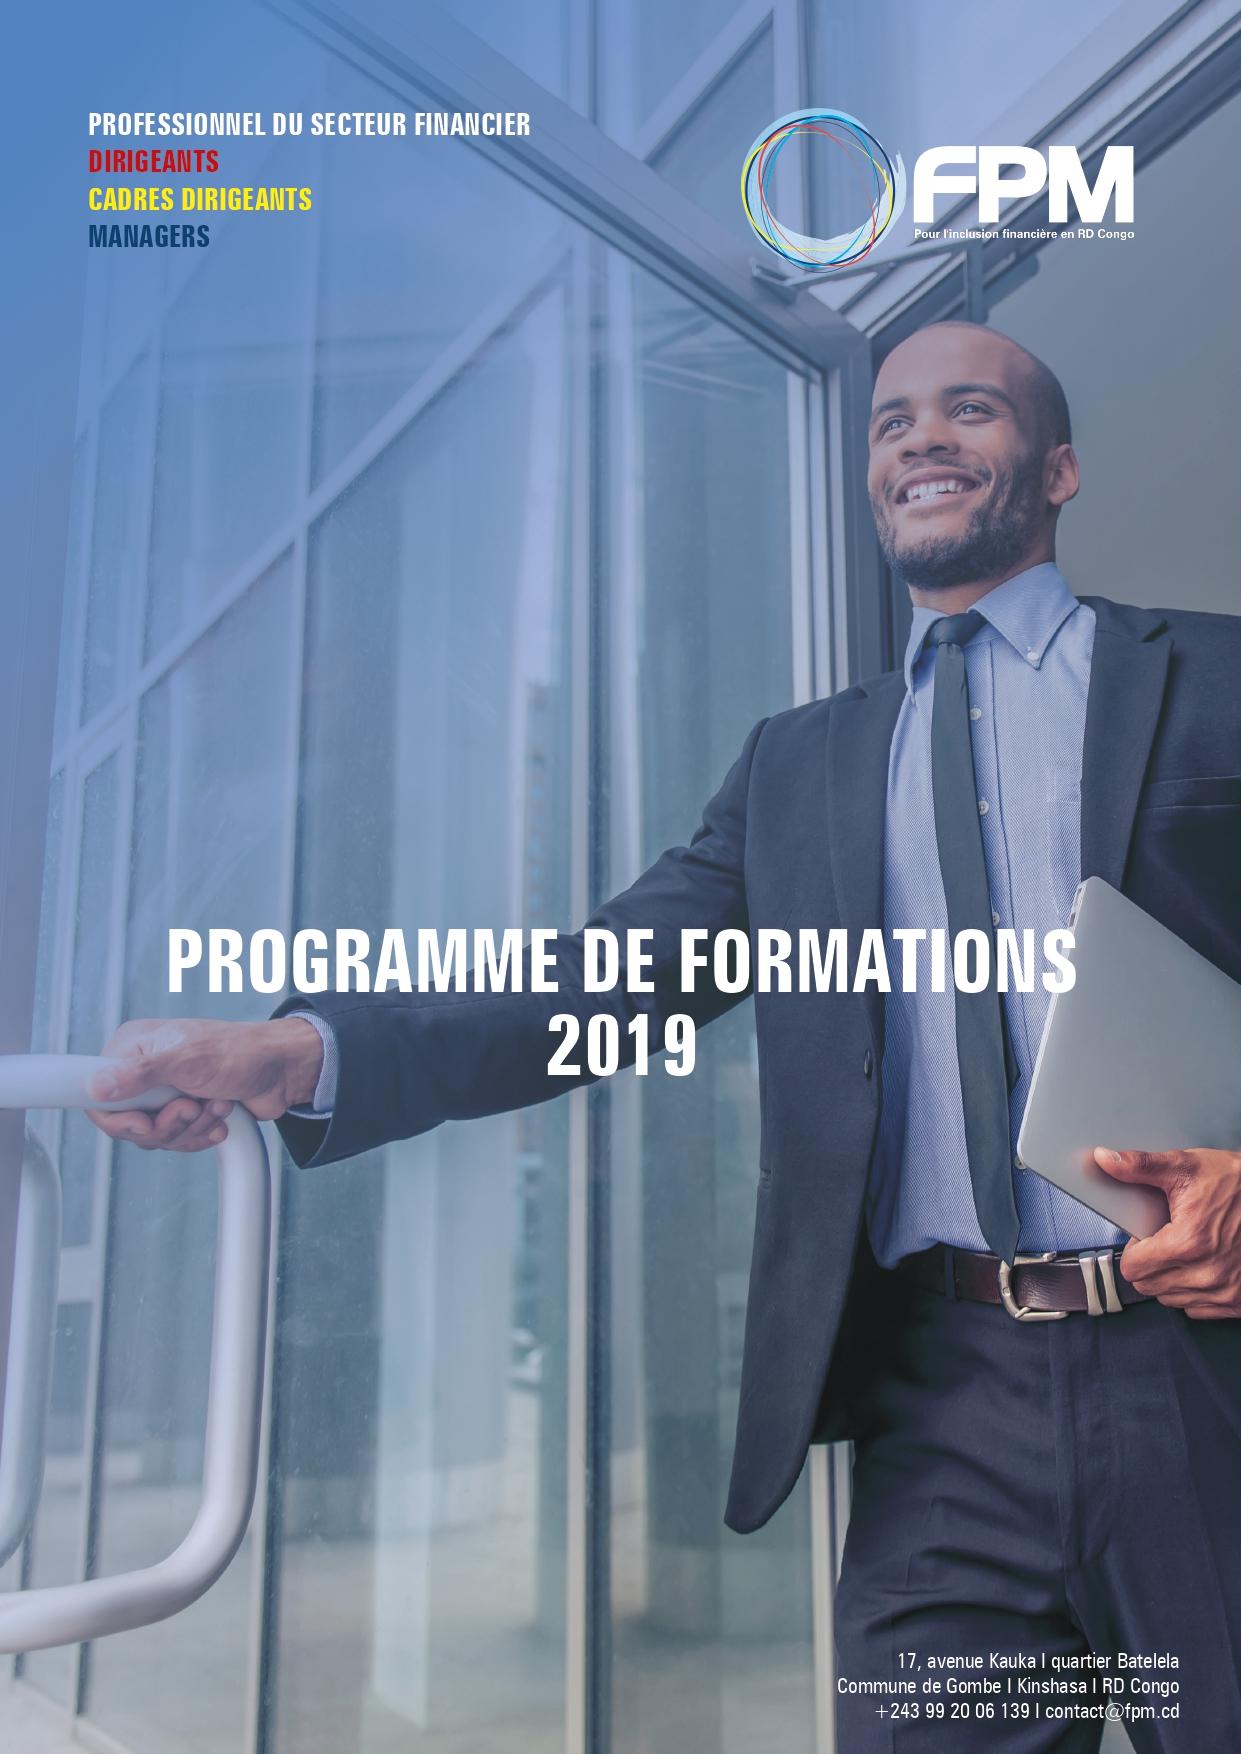 Le programme de formation 2019 du FPM